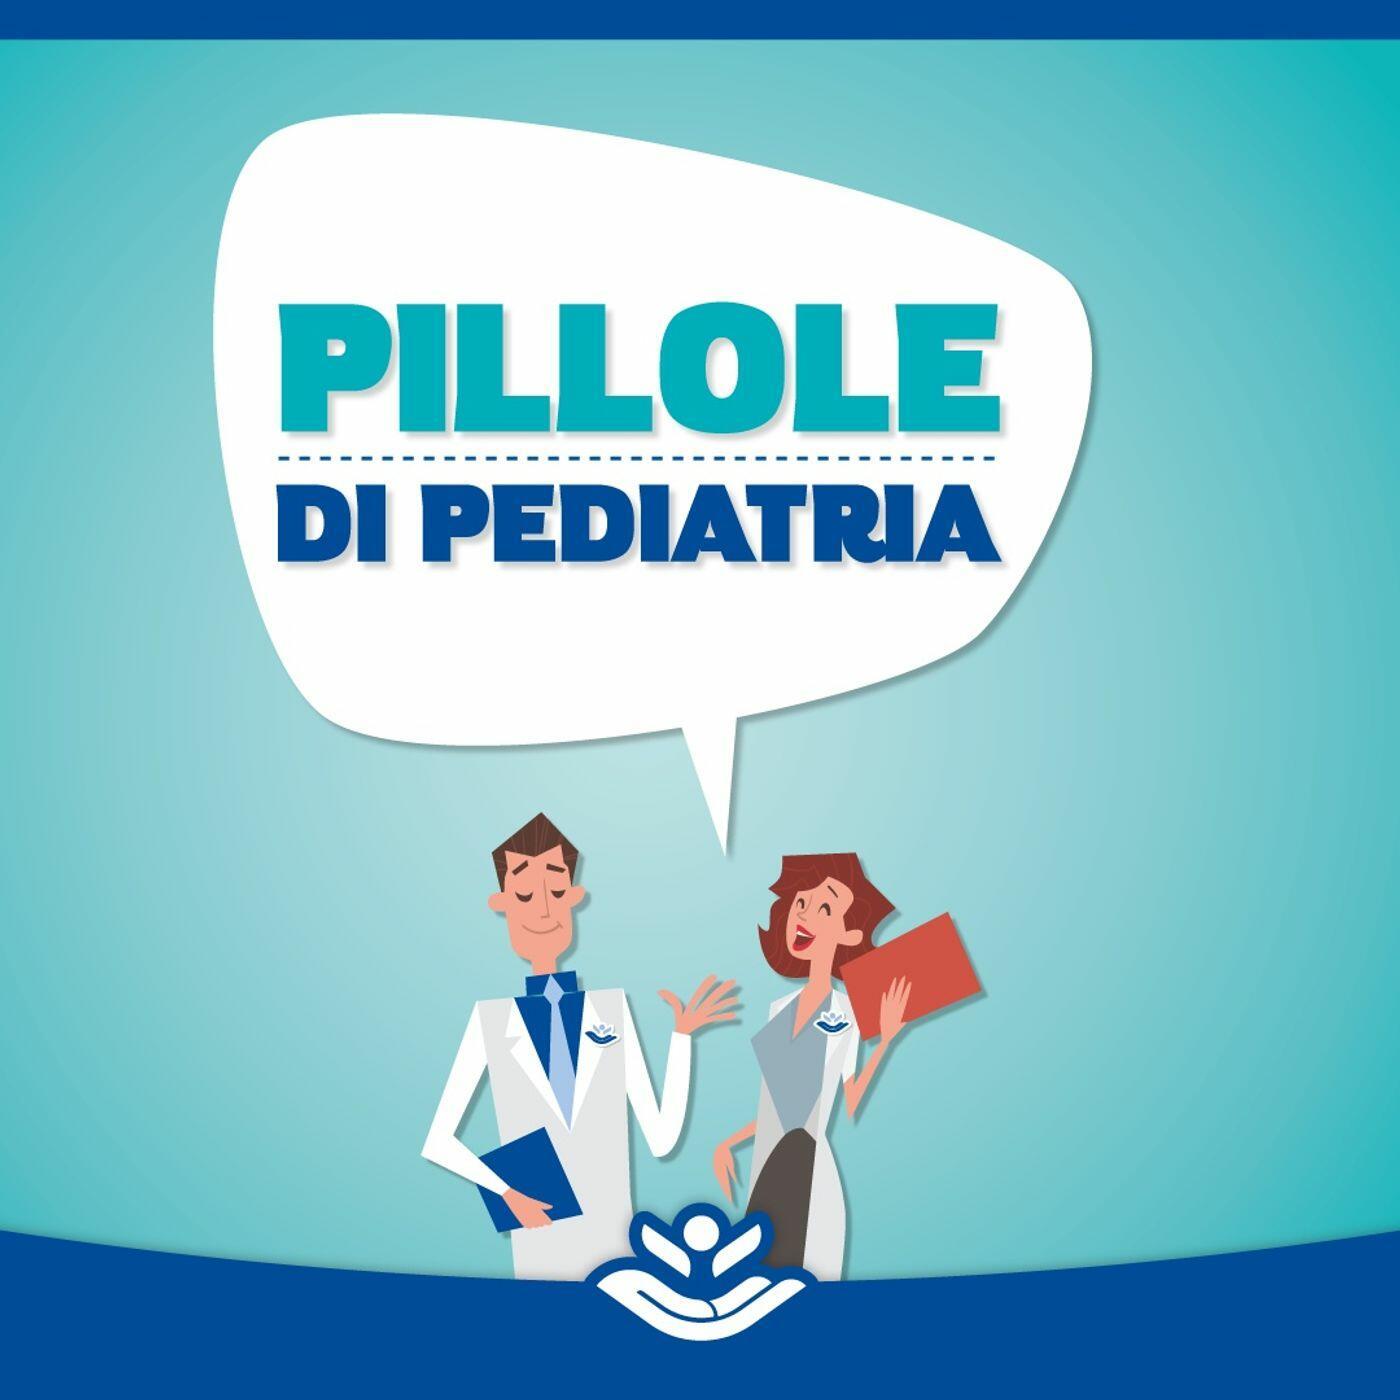 Pillole di Pediatria